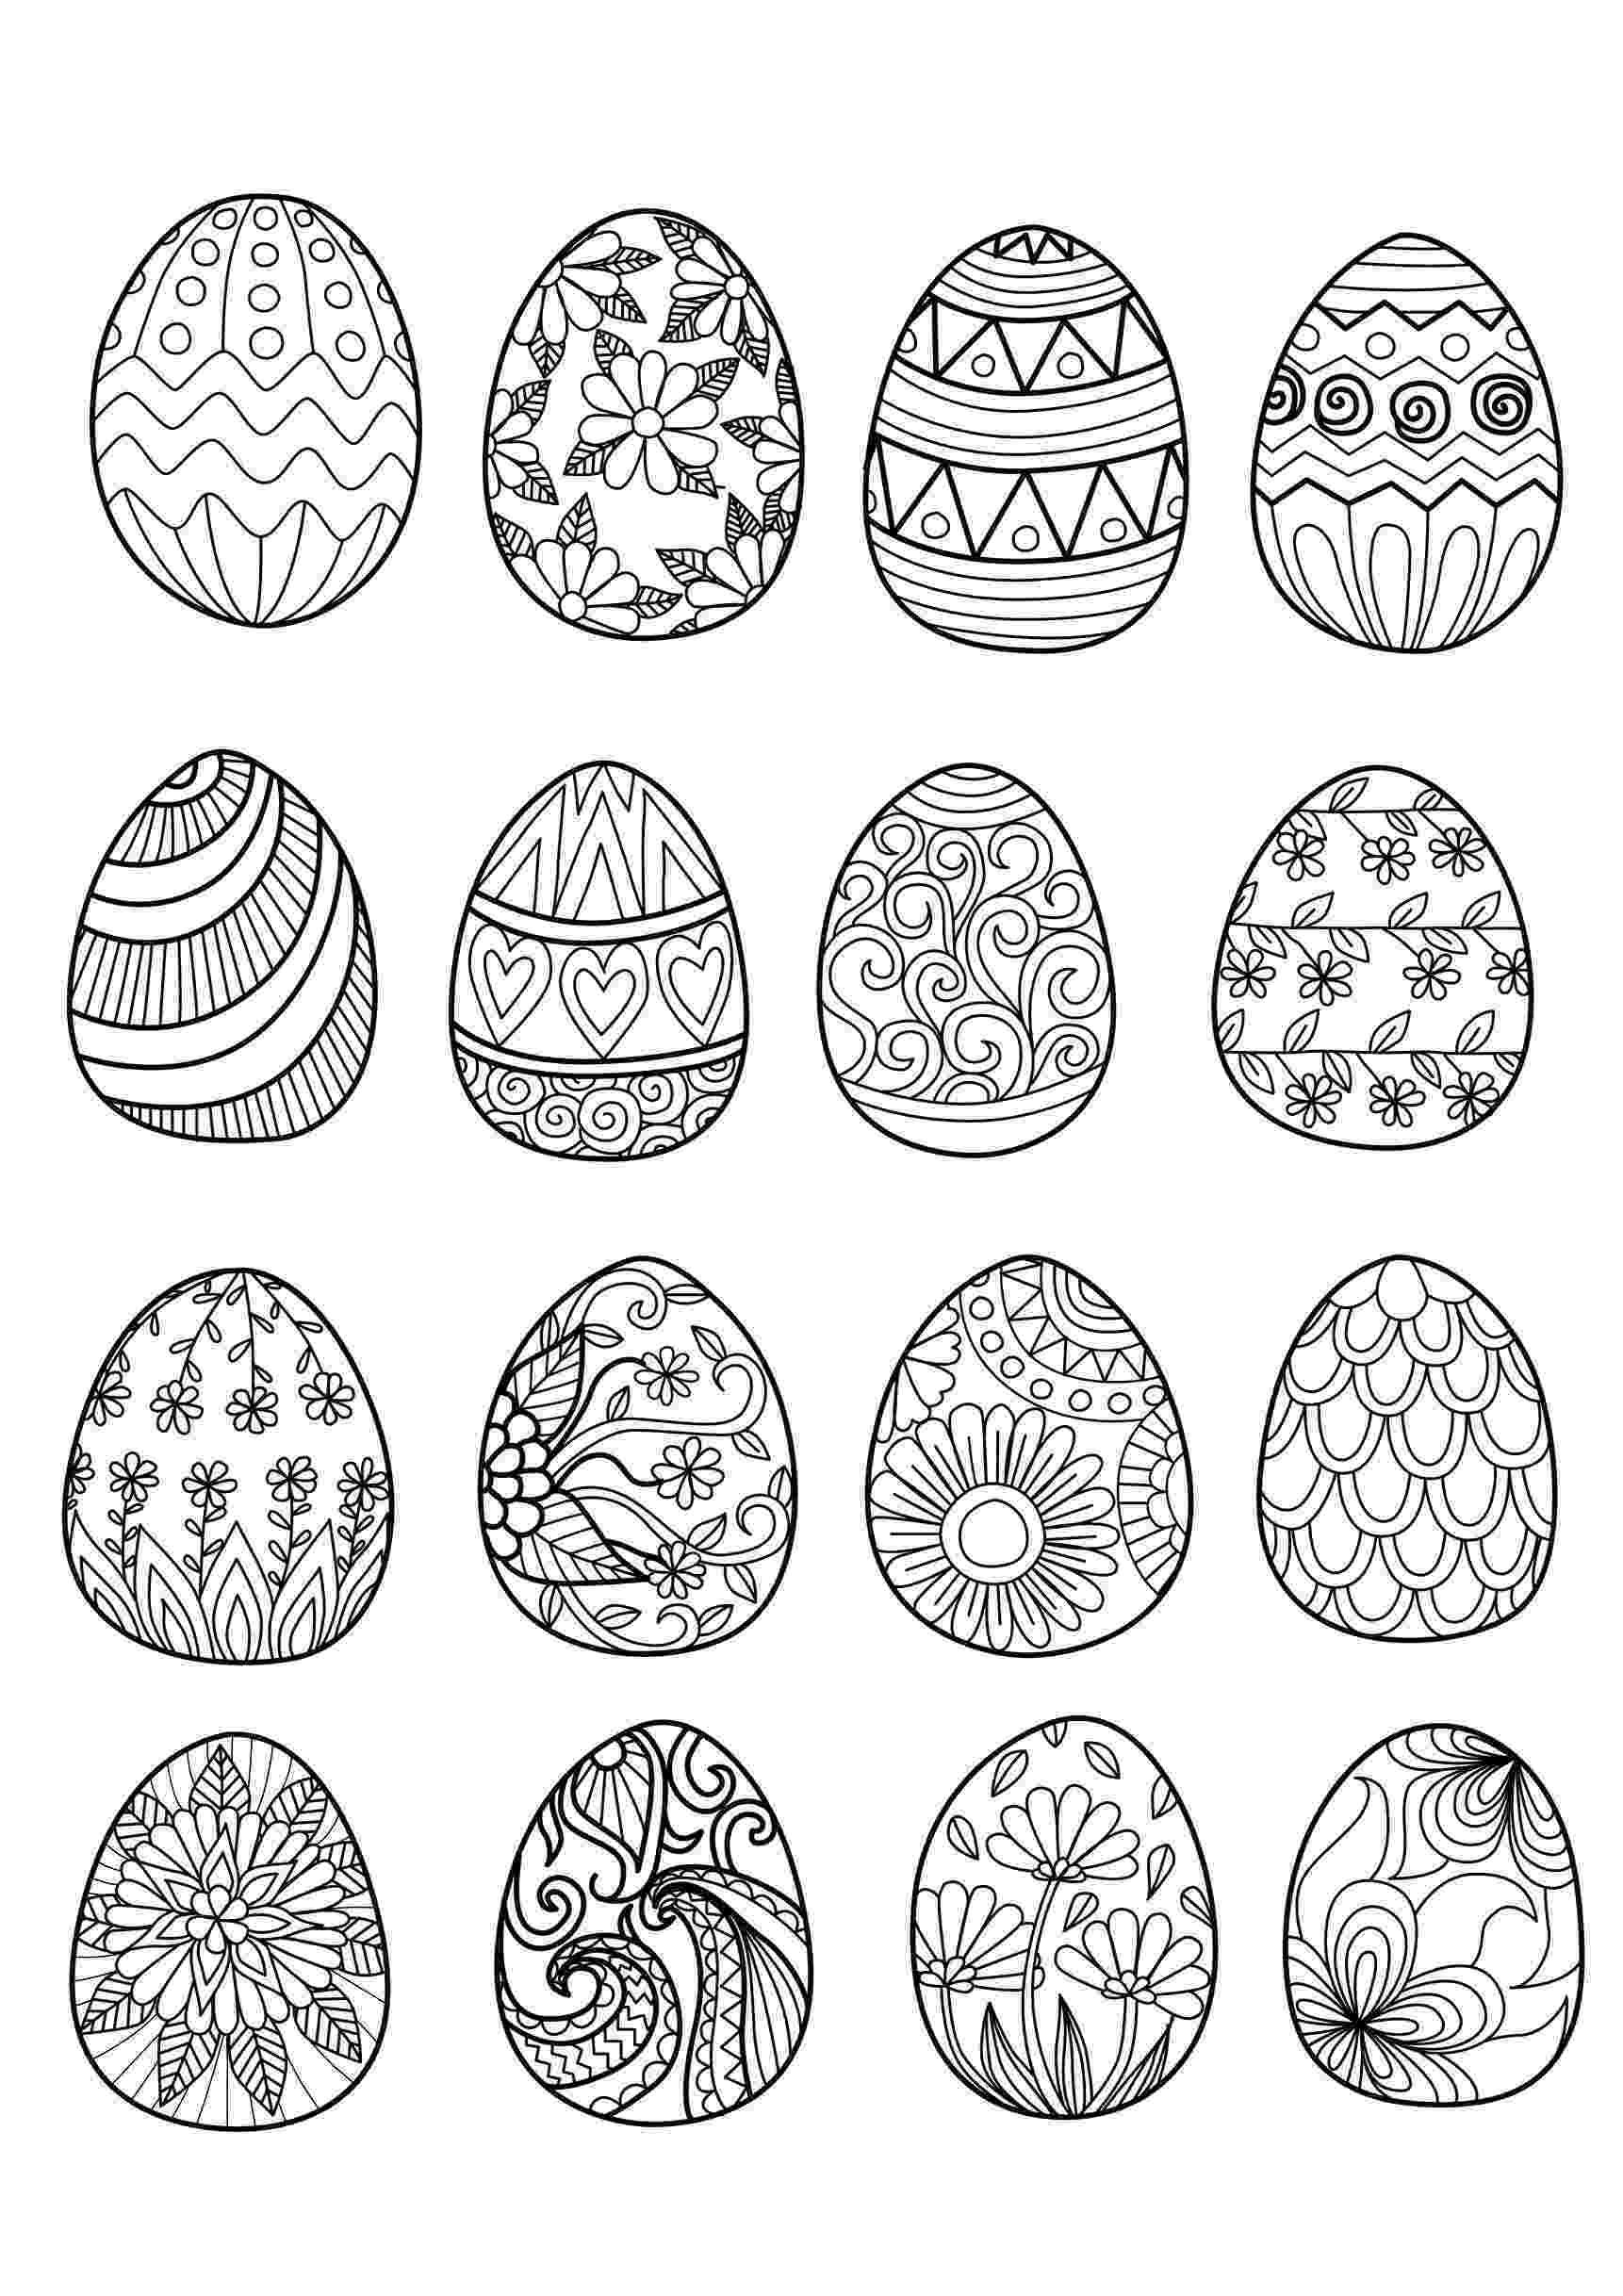 coloring pages ukrainian easter eggs ukrainian easter egg coloring pages for kids gtgt disney easter pages ukrainian coloring eggs